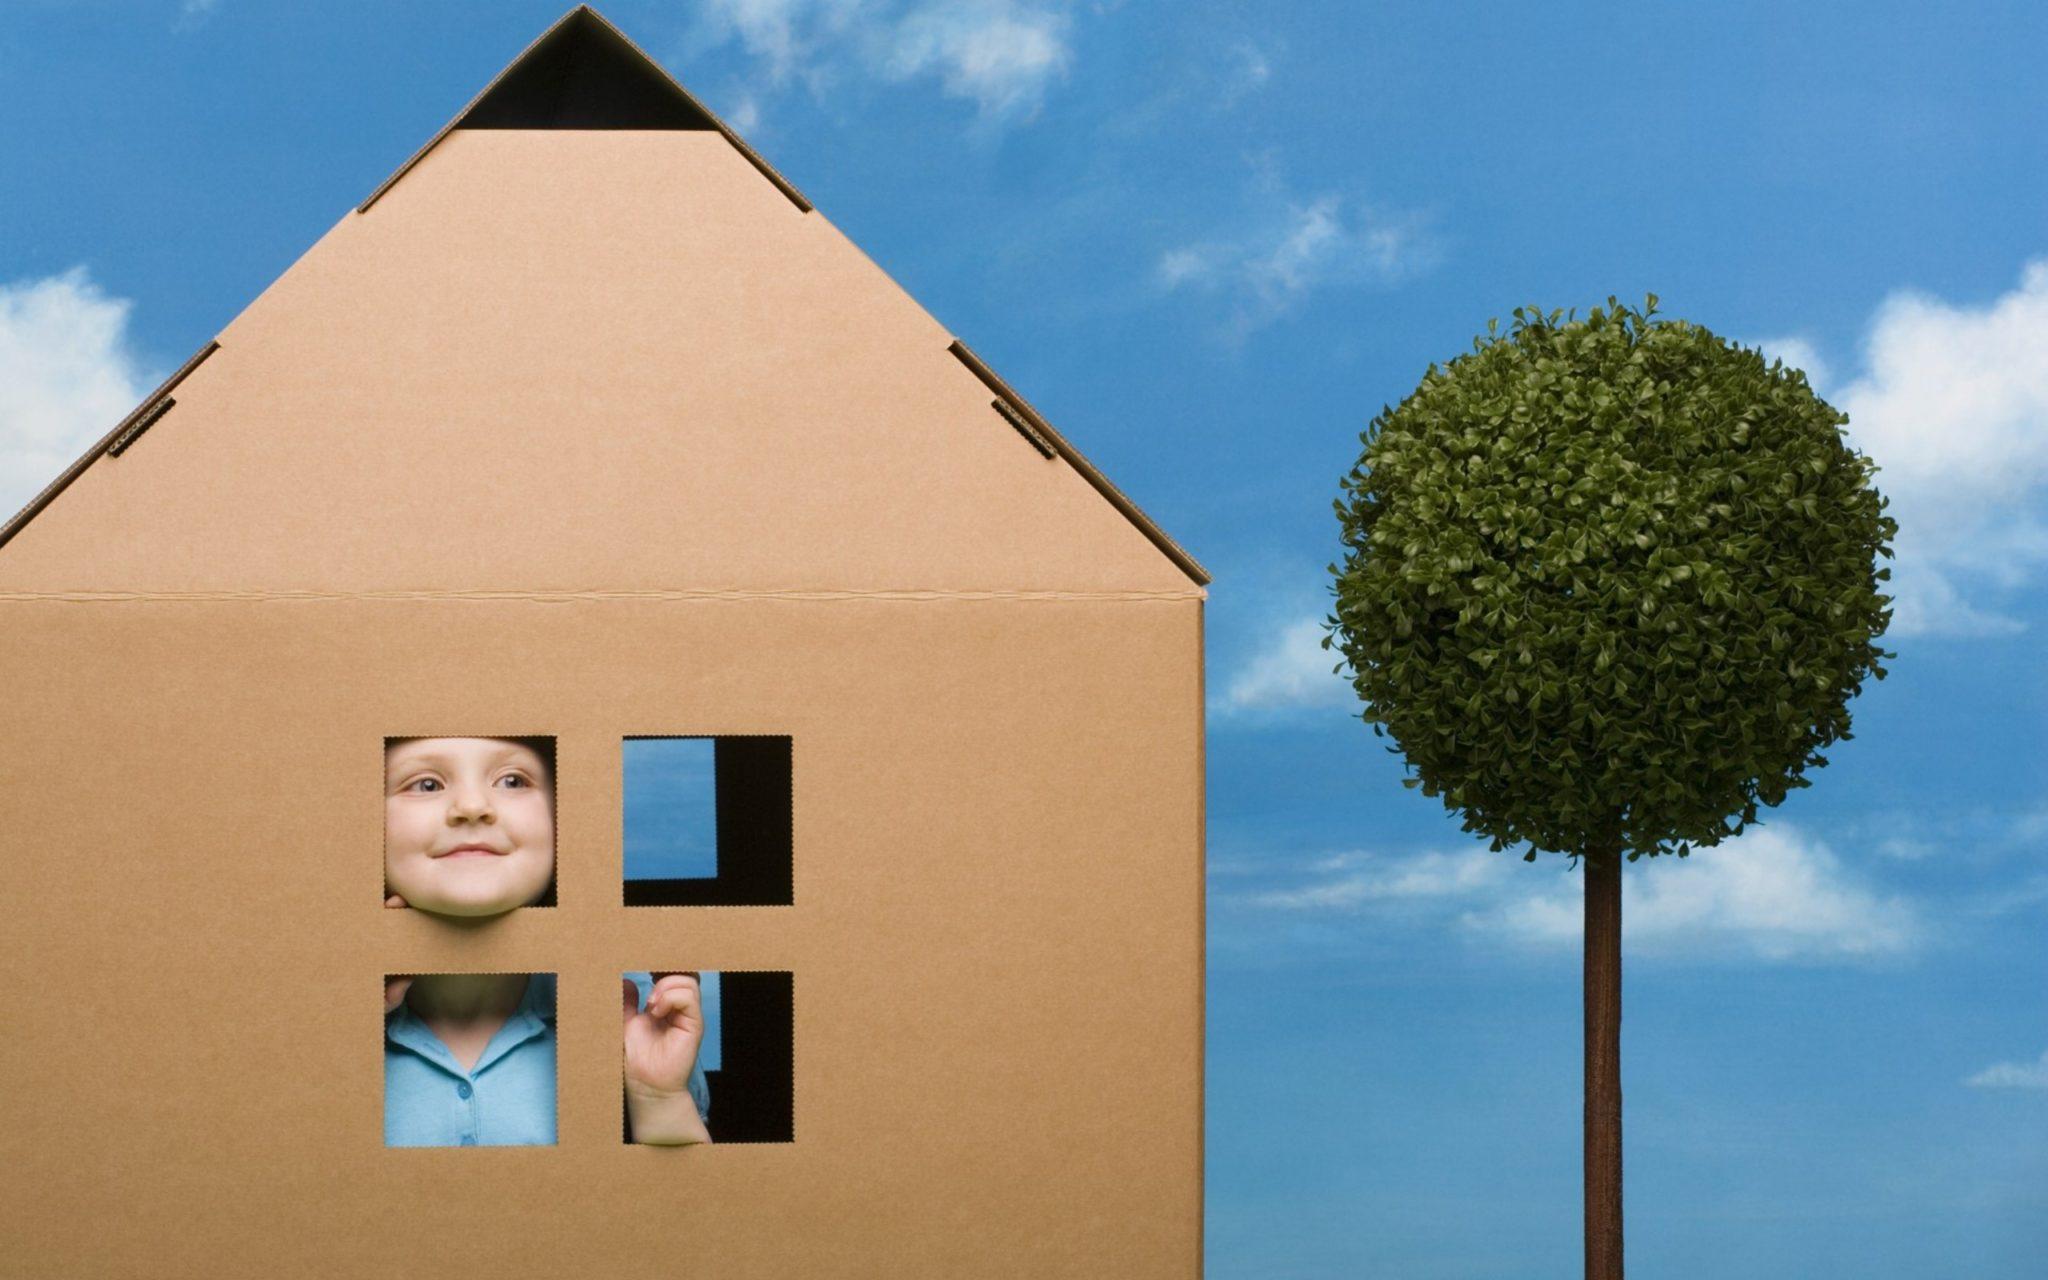 Продажа и выкуп доли несовершеннолетнего в квартире, сбор документов.